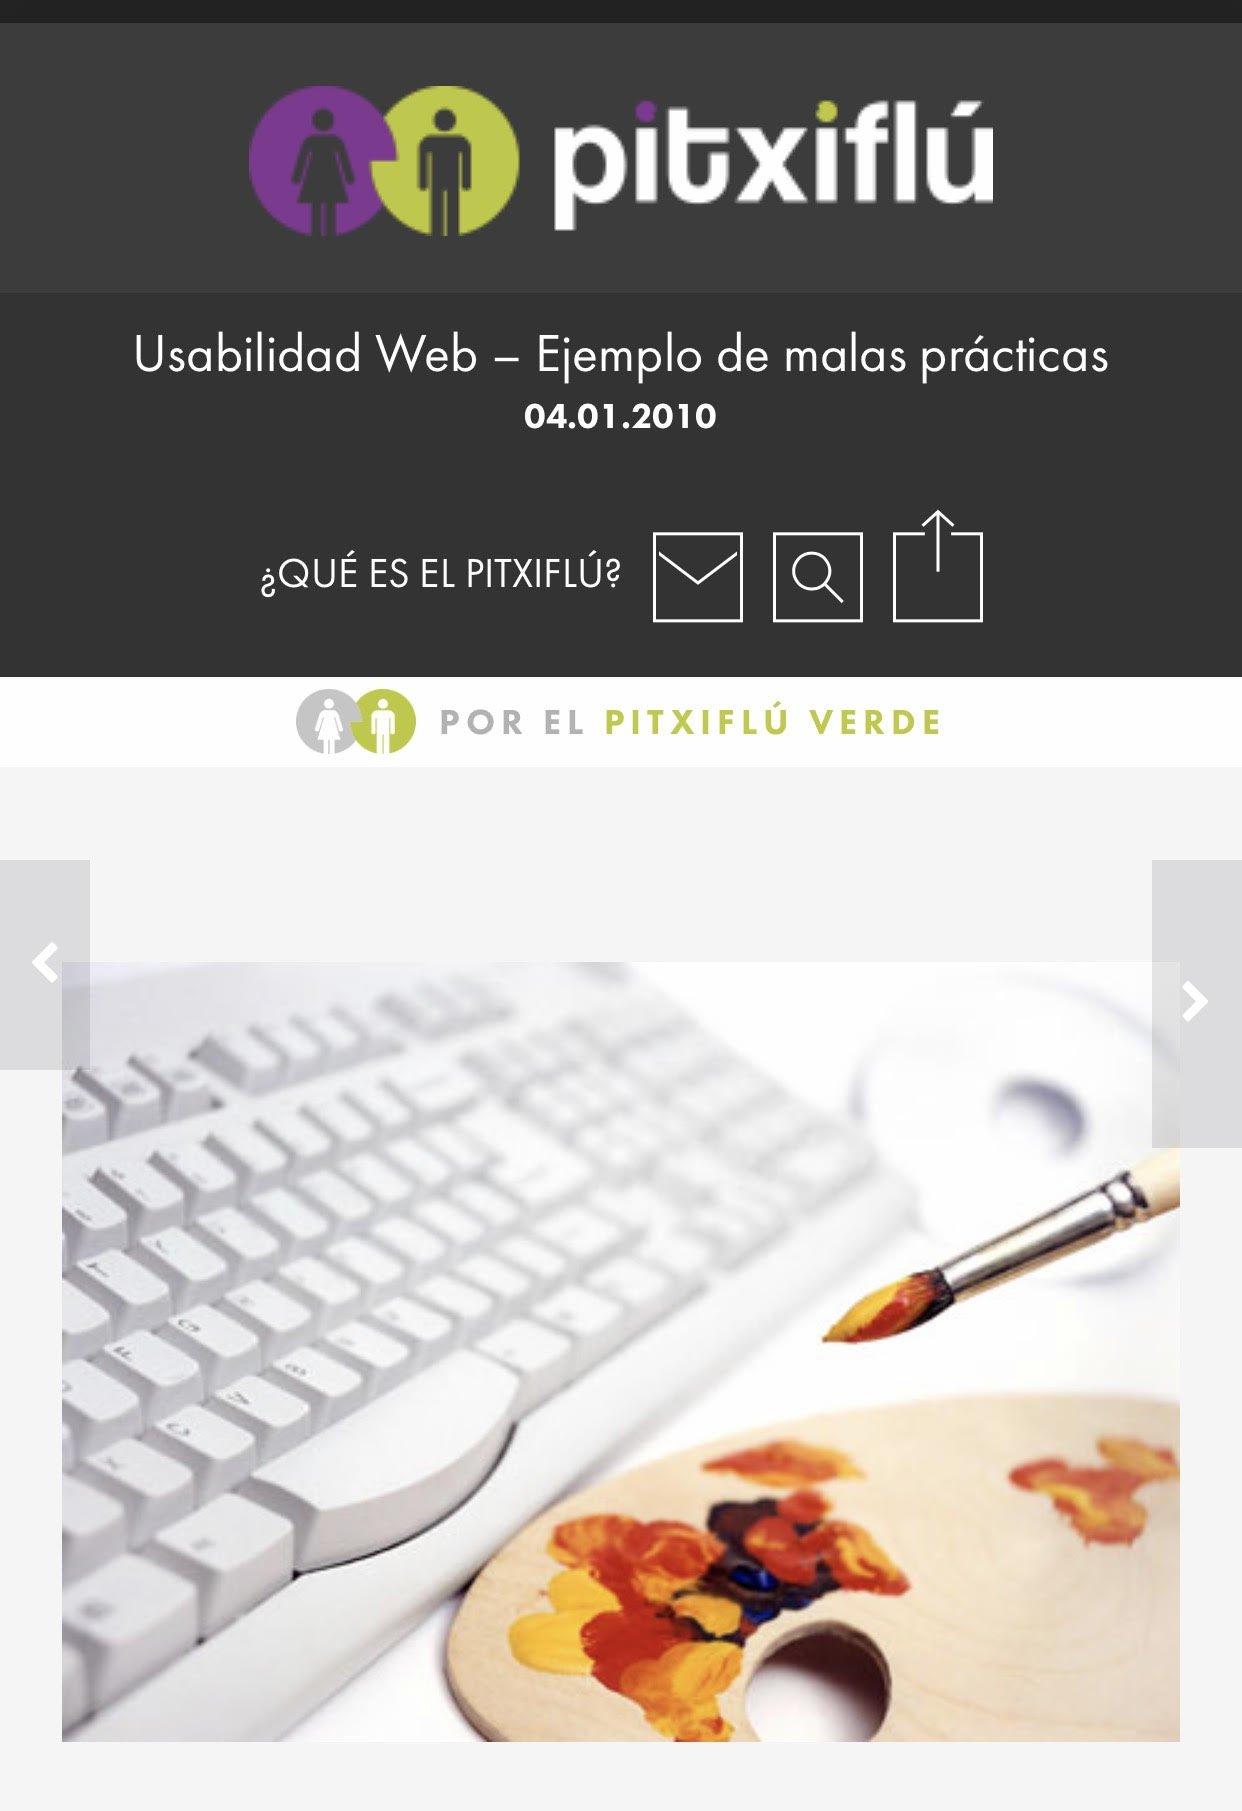 Ejemplo @dpico de buenas prácticas de usabilidad web en contraposición con  https://t.co/2SZR3es2yY y otras más #SocialBiblioChat #diseñoweb https://t.co/mdGdF656u3